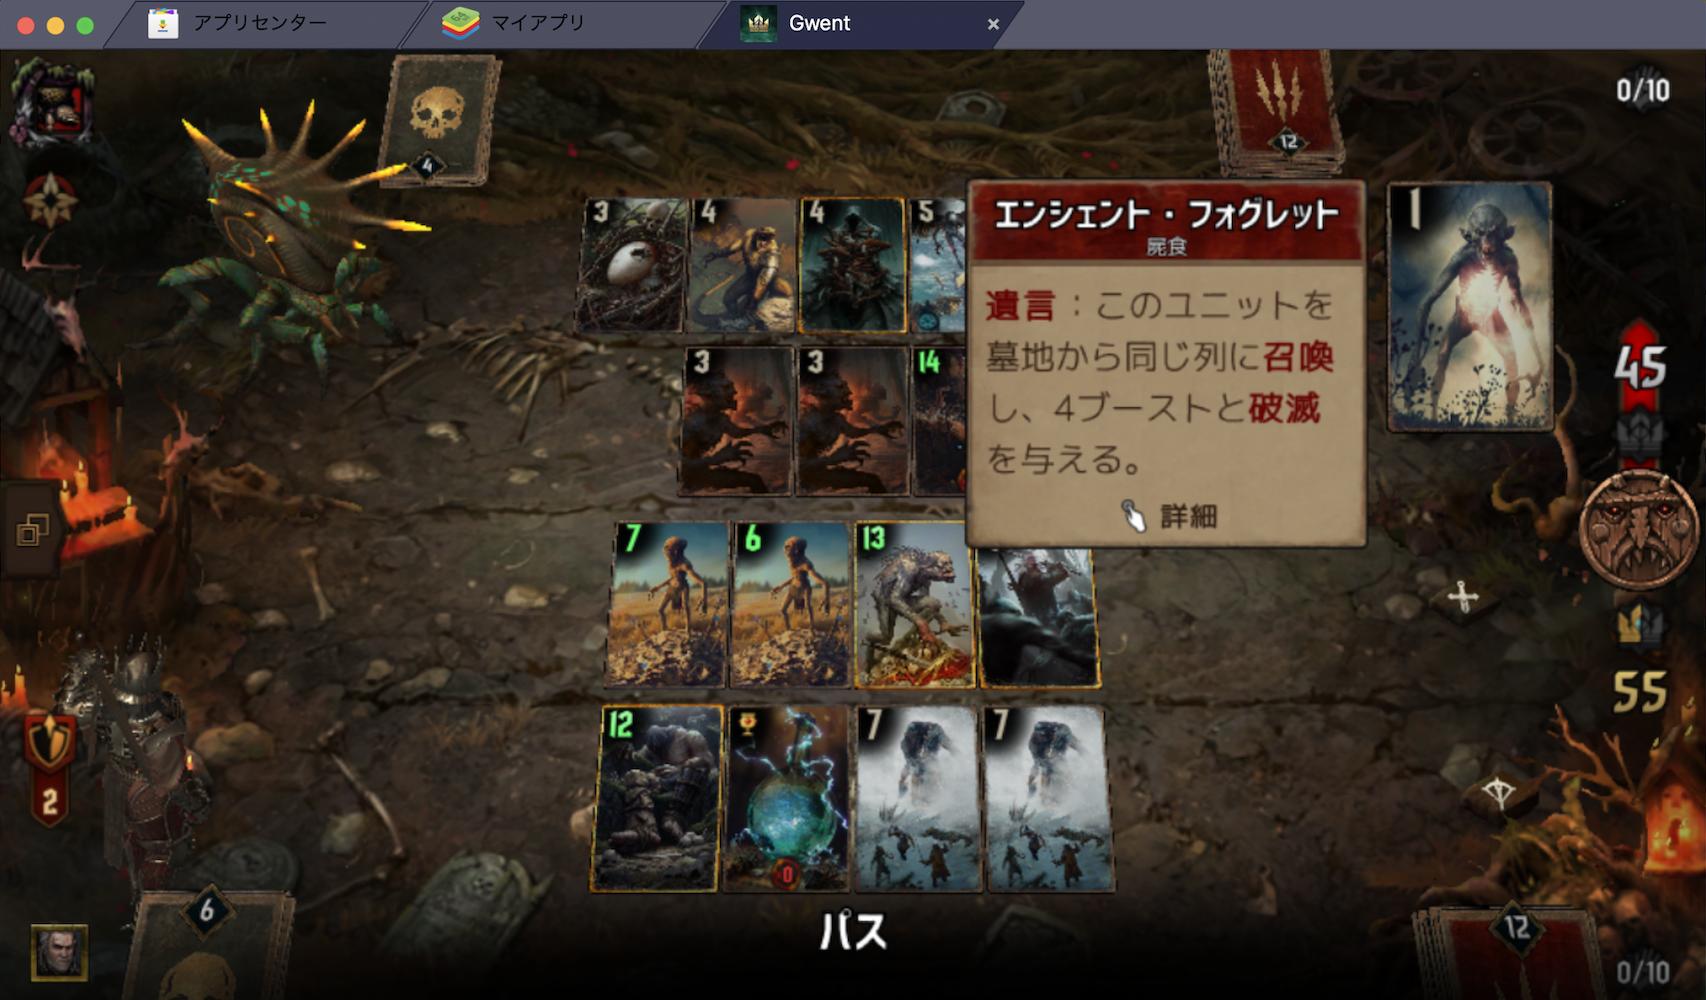 BlueStacksを使ってPCで『グウェント ウィッチャーカードゲーム』を遊ぼう!